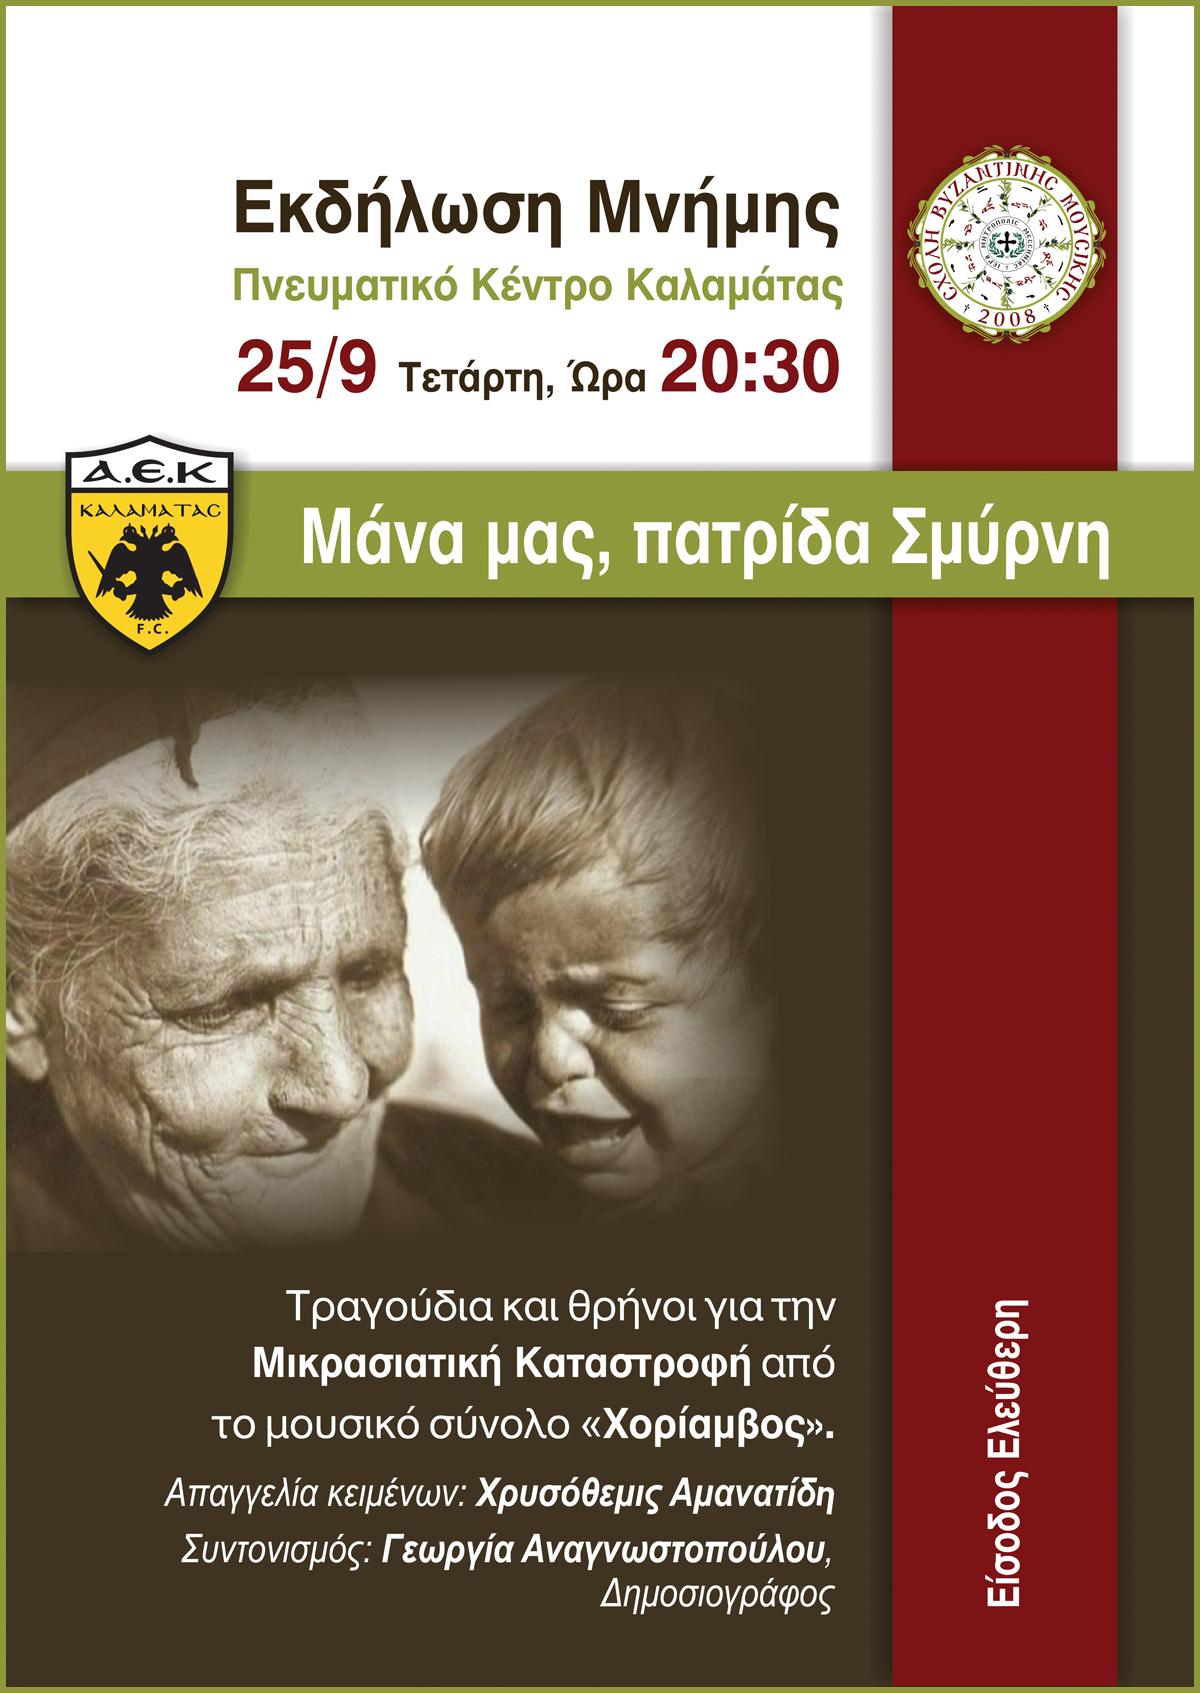 Εκδηλώσεις μνήμης από την ΑΕΚ Καλαμάτας